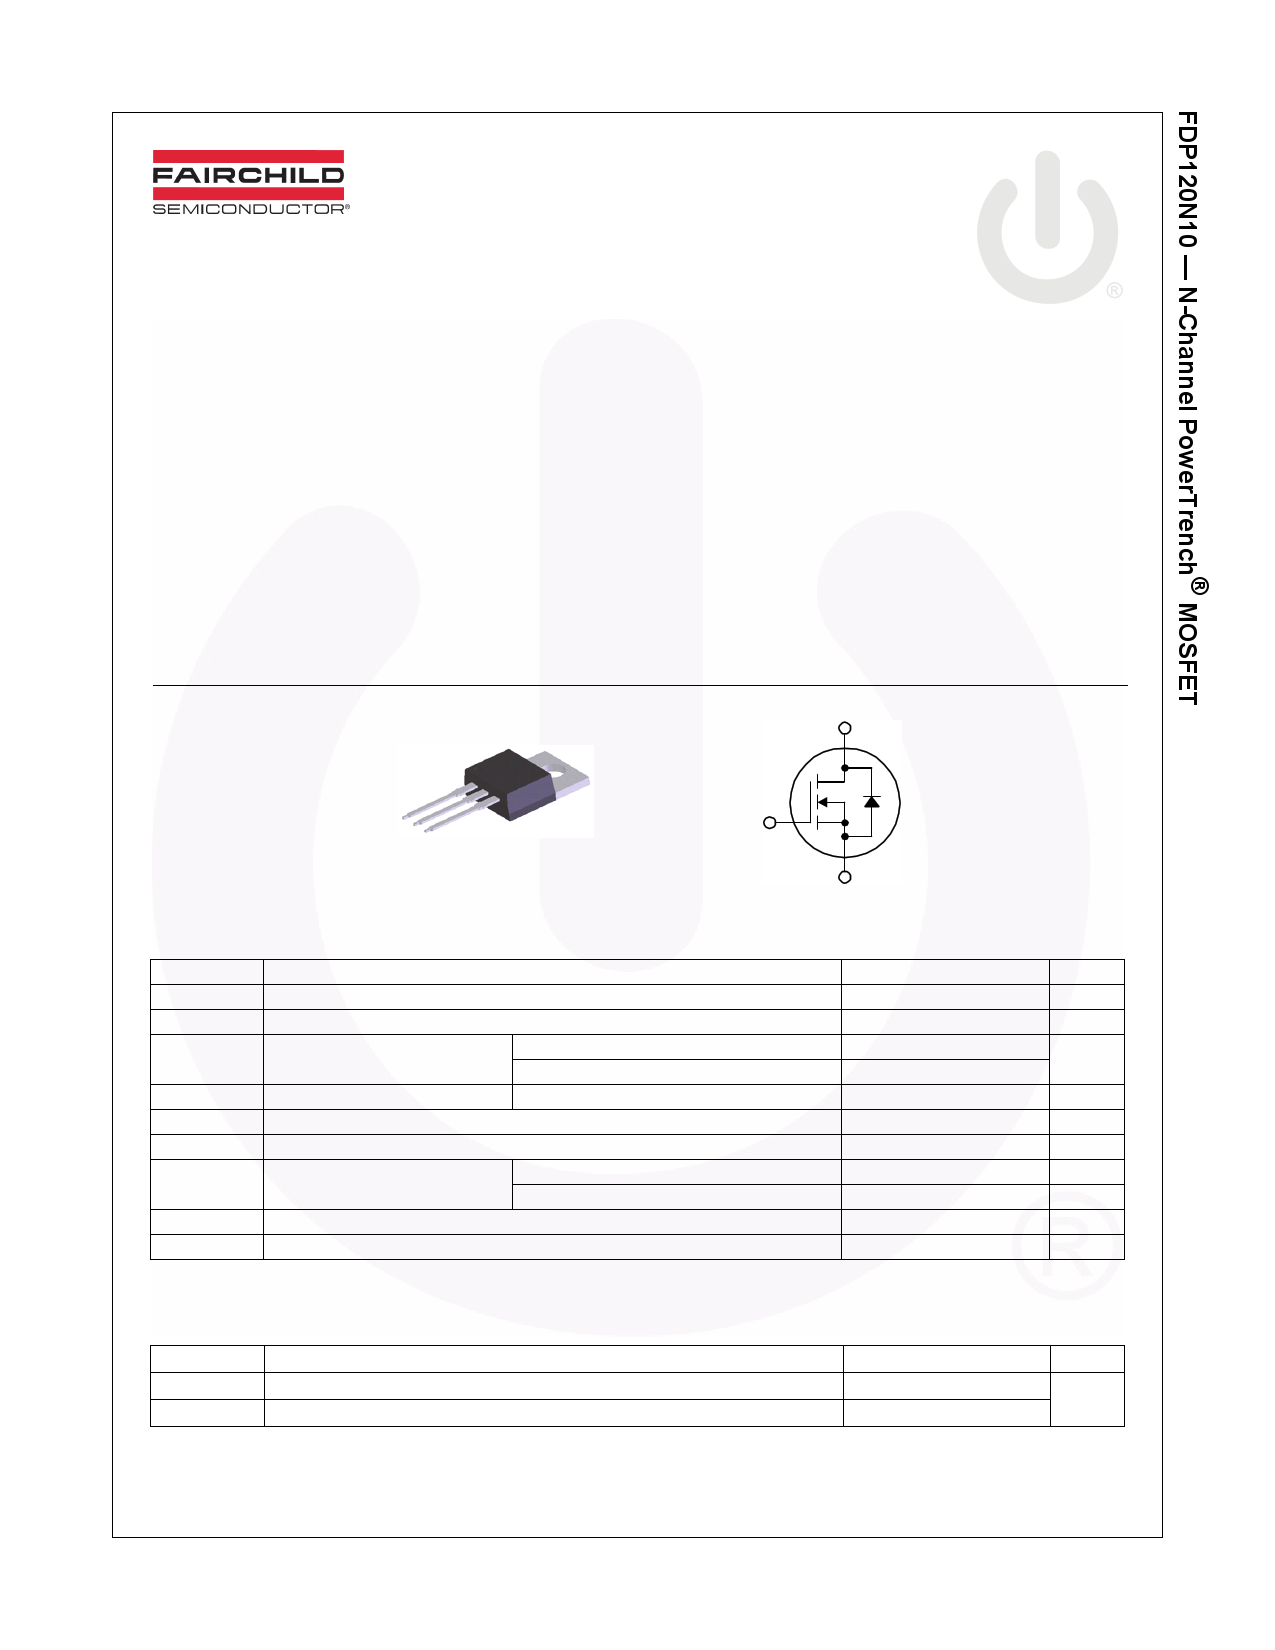 FDP120N10 데이터시트 및 FDP120N10 PDF